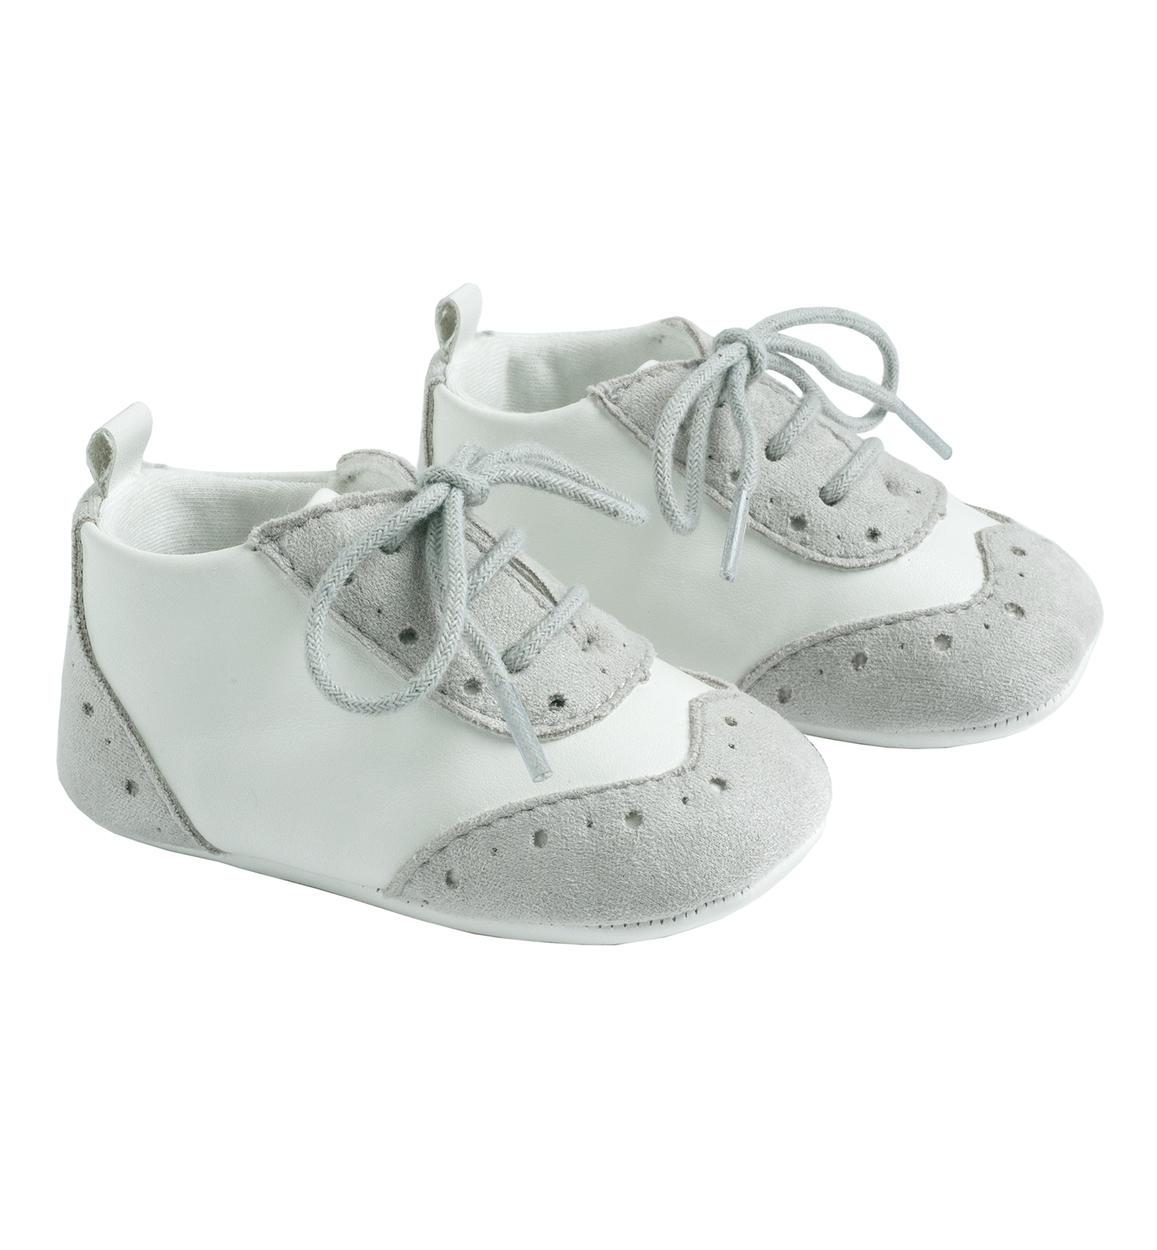 scarpe da ginnastica a buon mercato a684d 50d37 Eleganti scarpine neonato in ecopelle da 0 a 24 mesi Minibanda